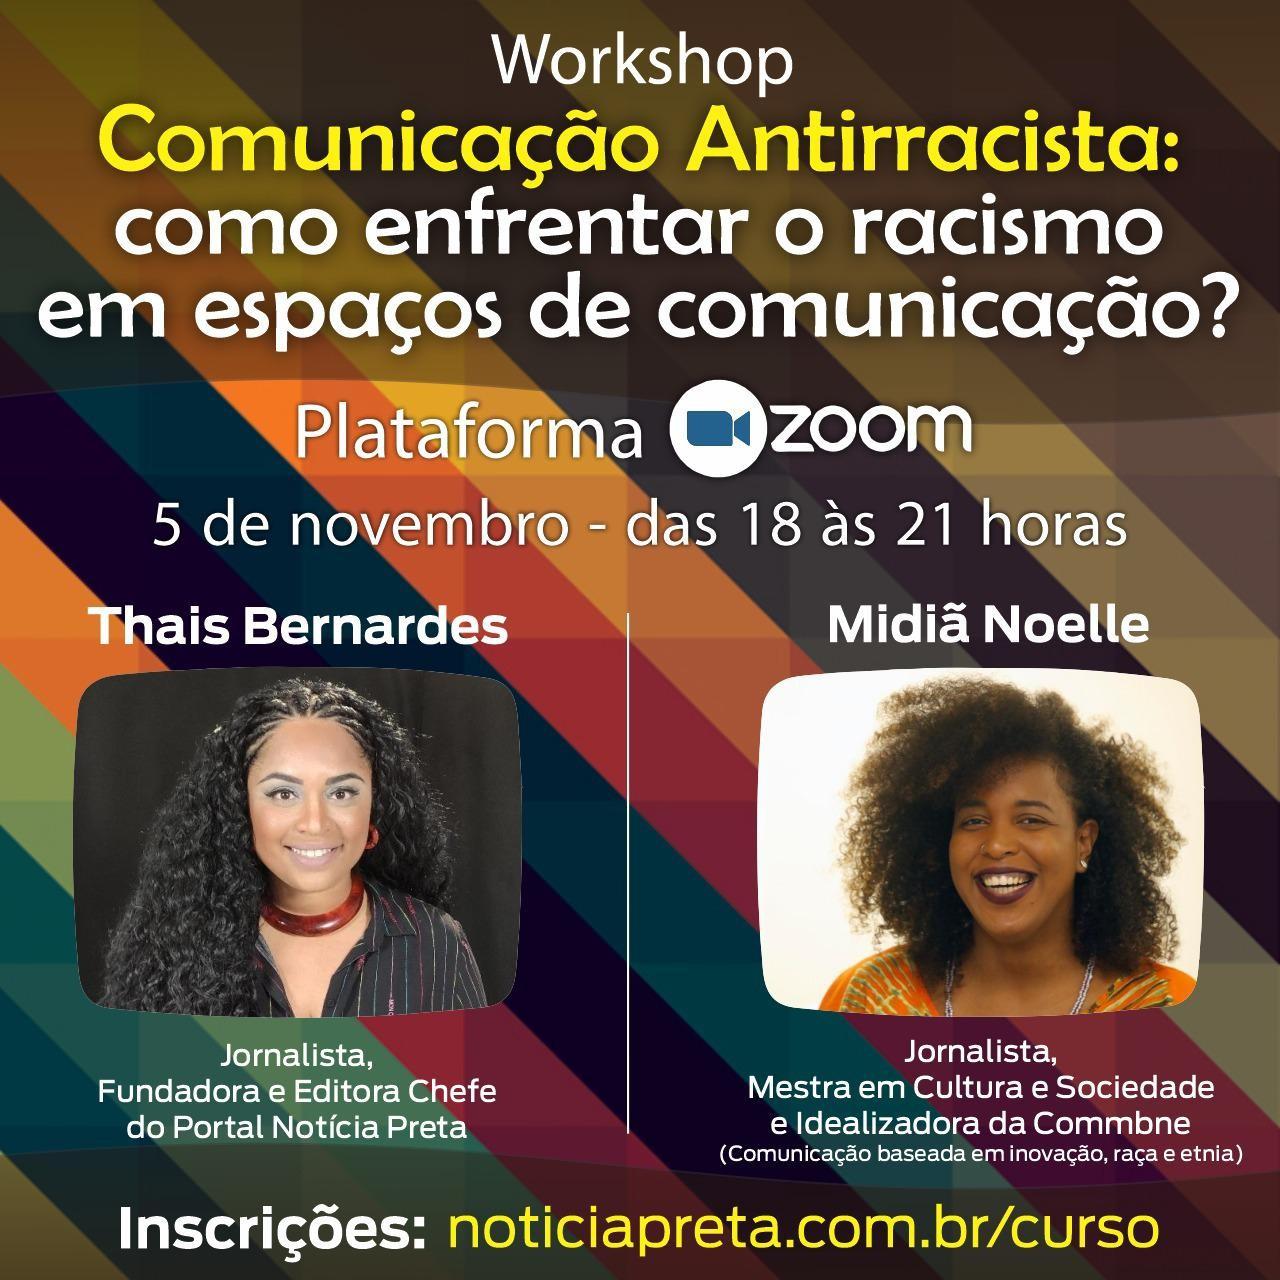 Workshop sobre Comunicação antirracista abre inscrições; veja